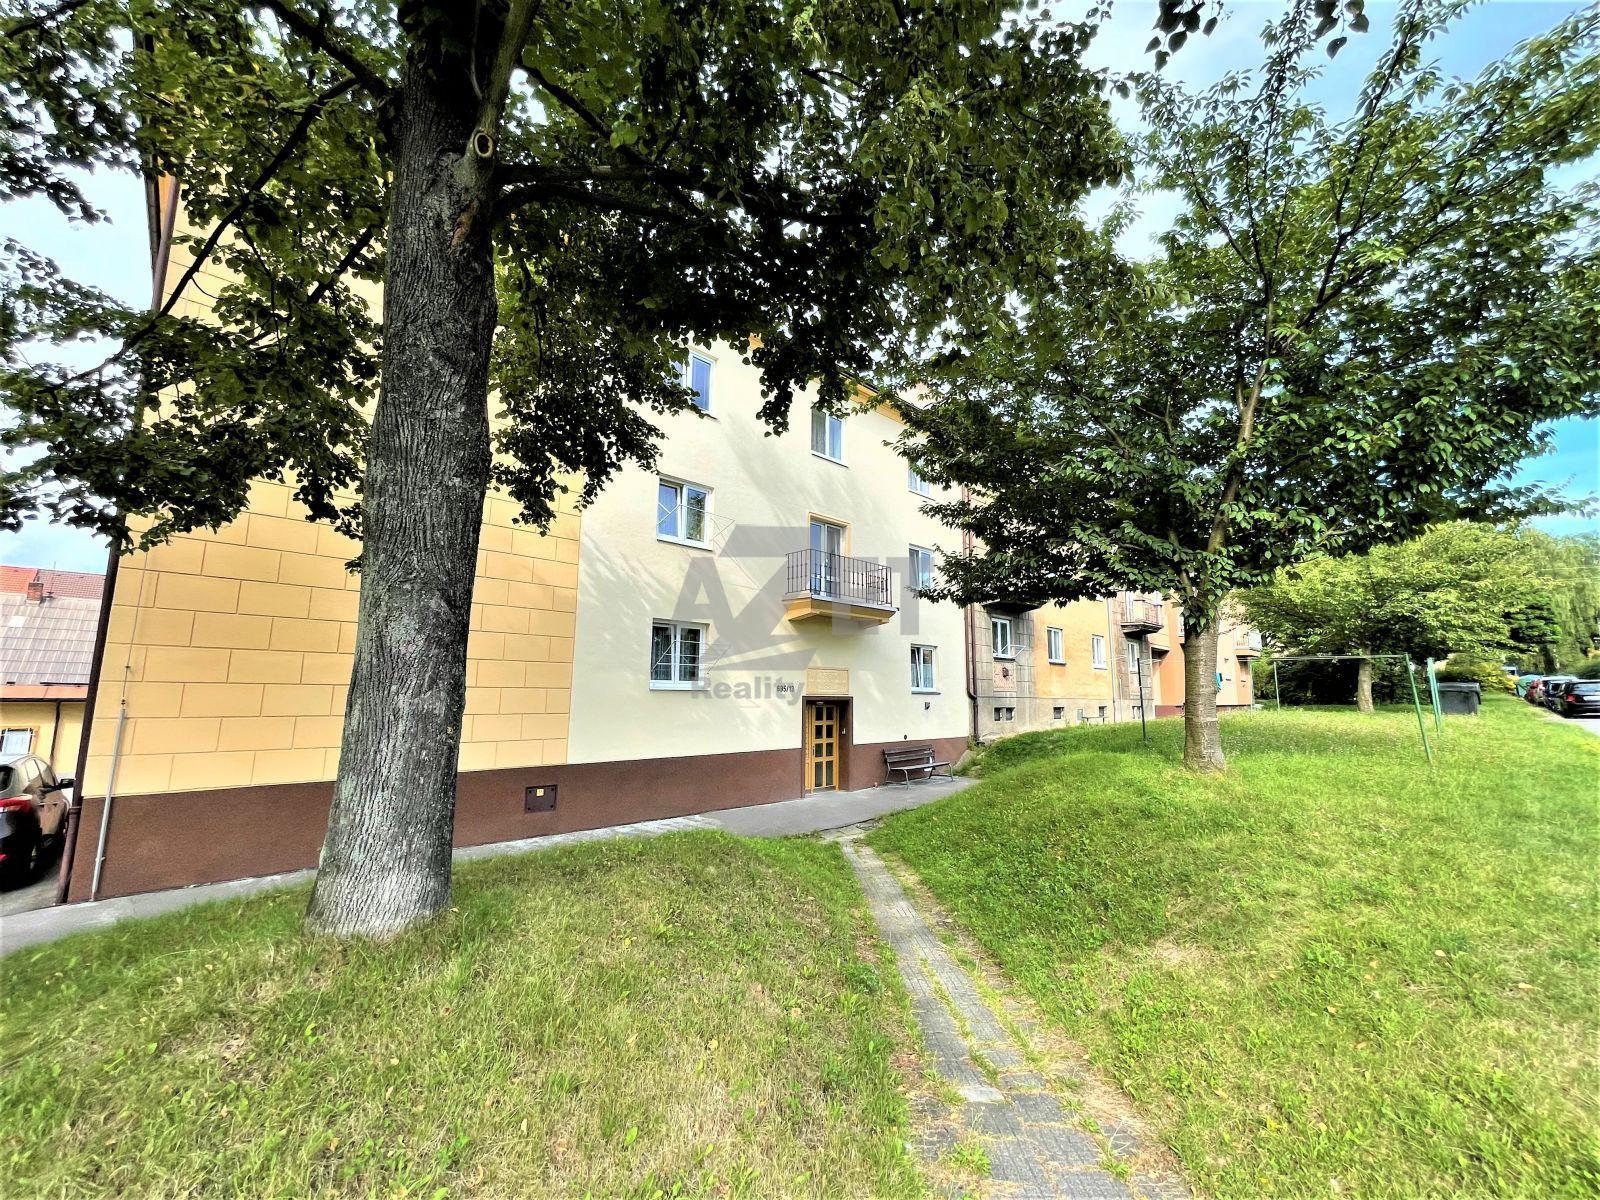 Prodej, byt 1+1, 42 m2, Ostrava-Vratimov, ul. Na Vyhlídce